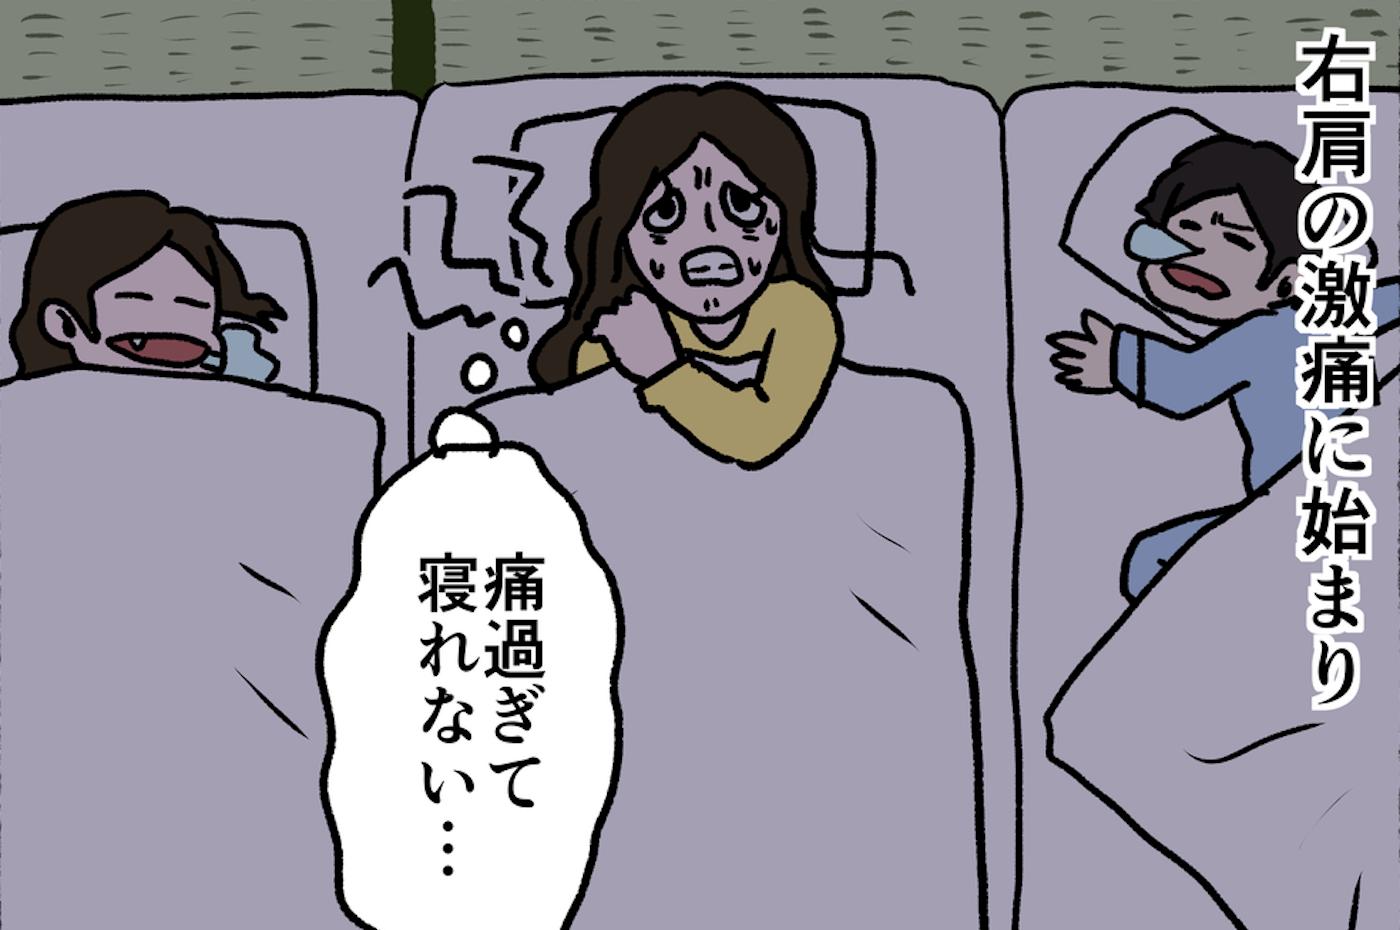 さまざまな不調に襲われる母 病院に駆け込むも診断結果は原因不明